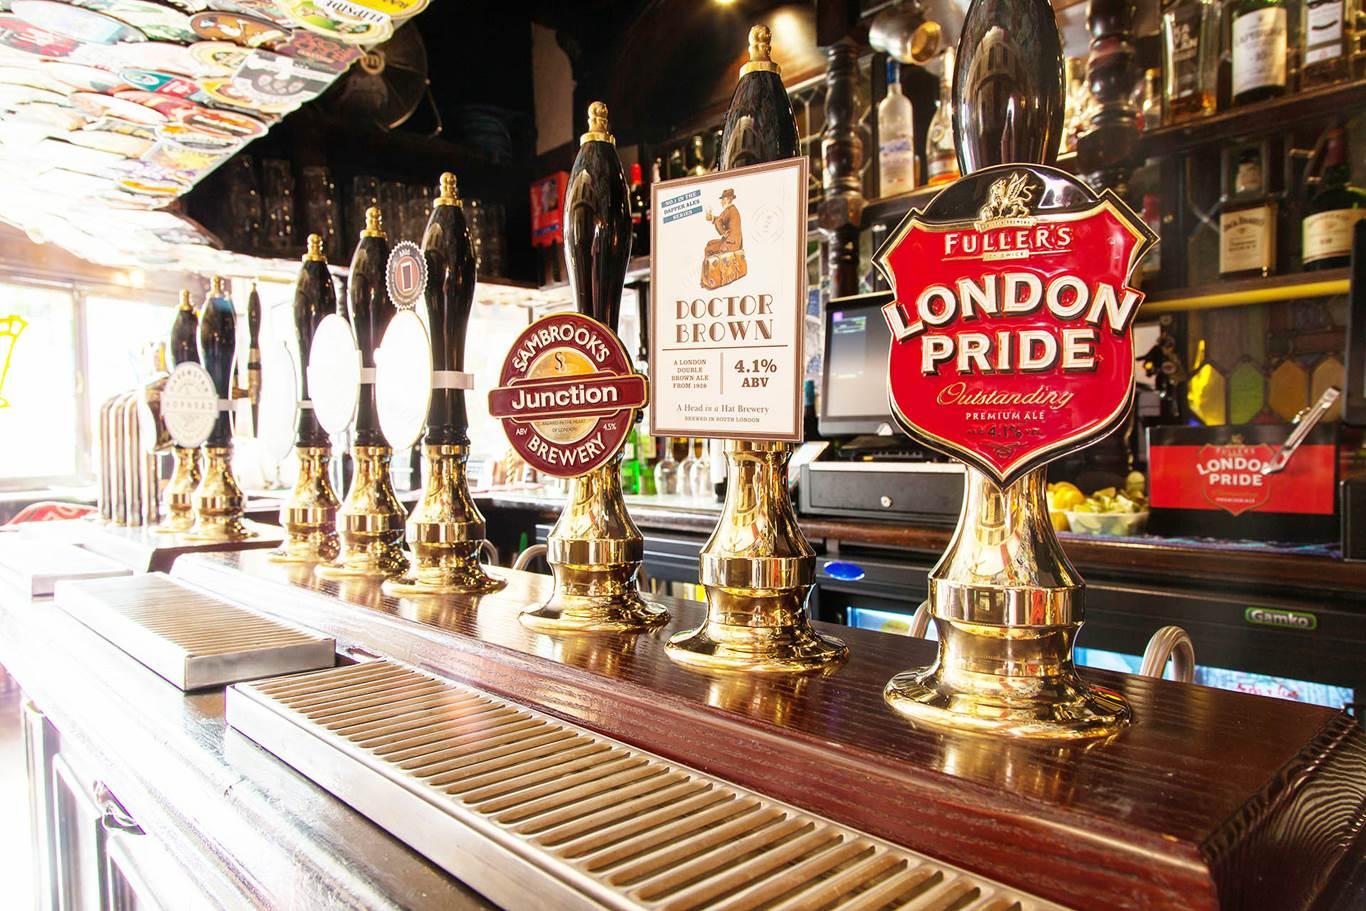 The Harp Award Winning Fuller S Pub In Covent Garden London